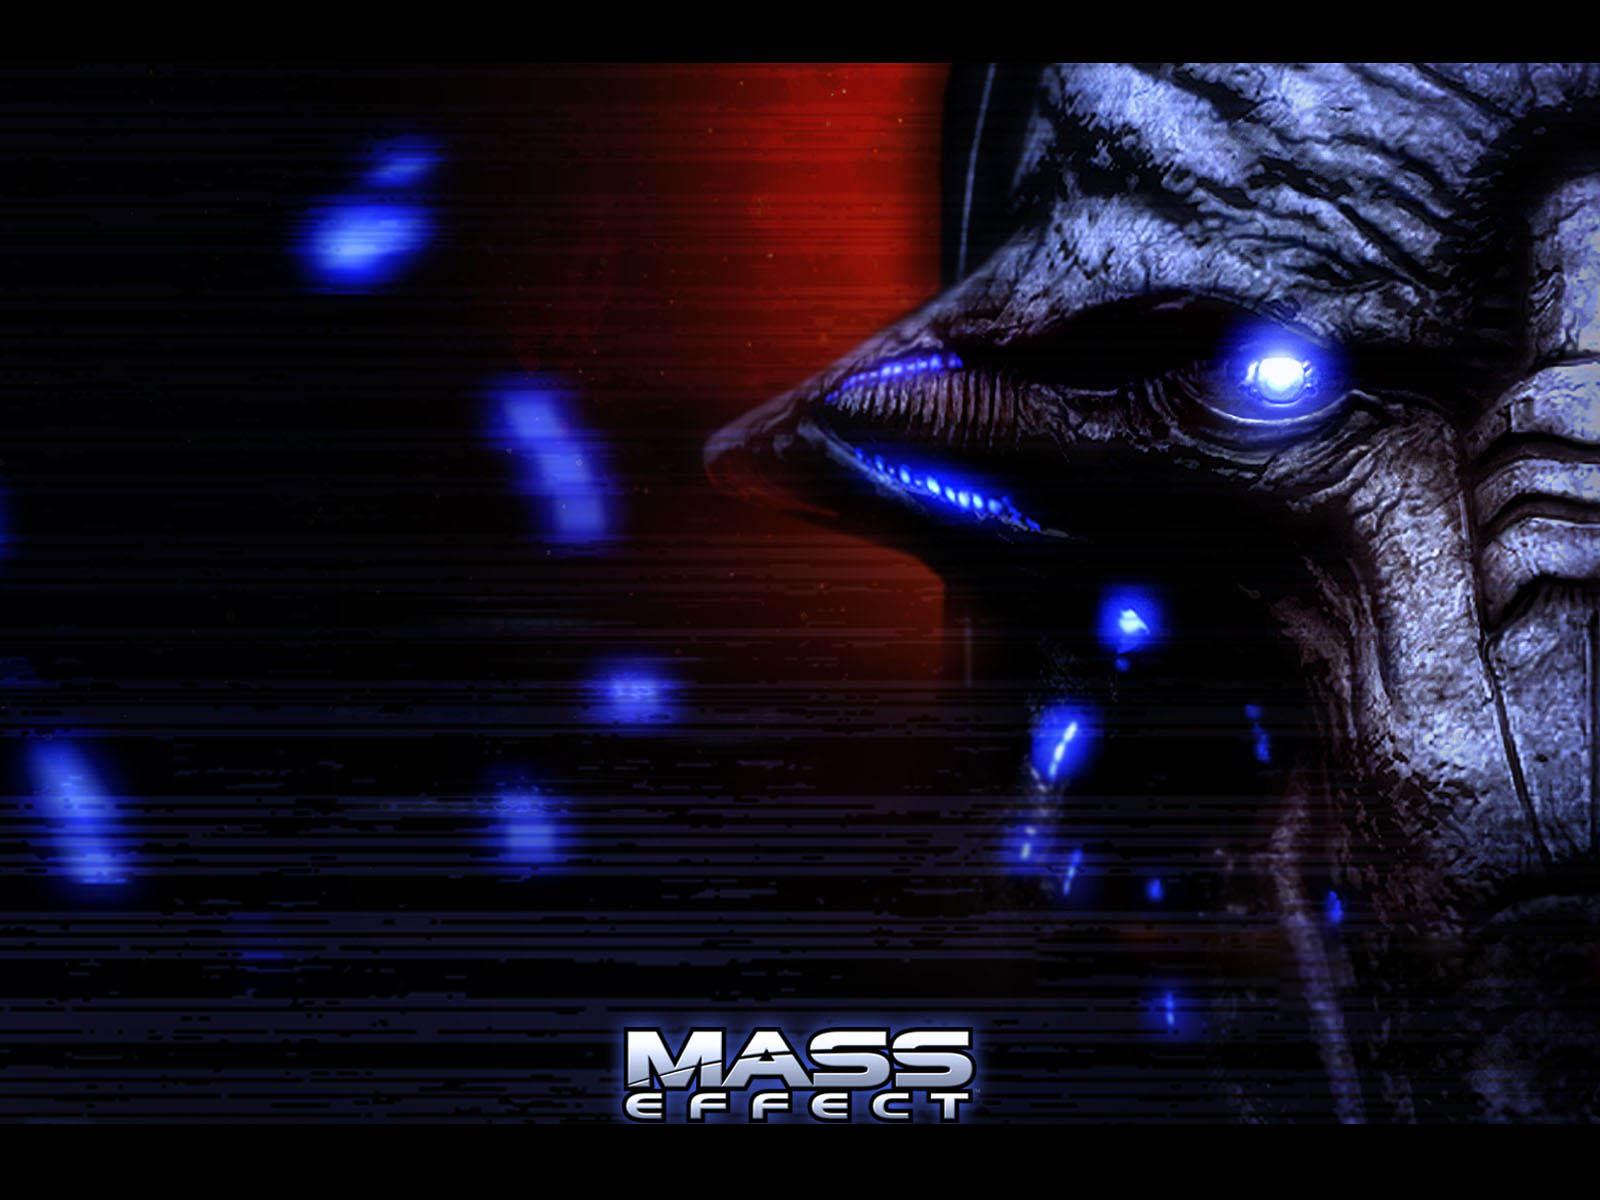 Mass Effect Desktop Backgrounds: Wallpaper: Mass Effect